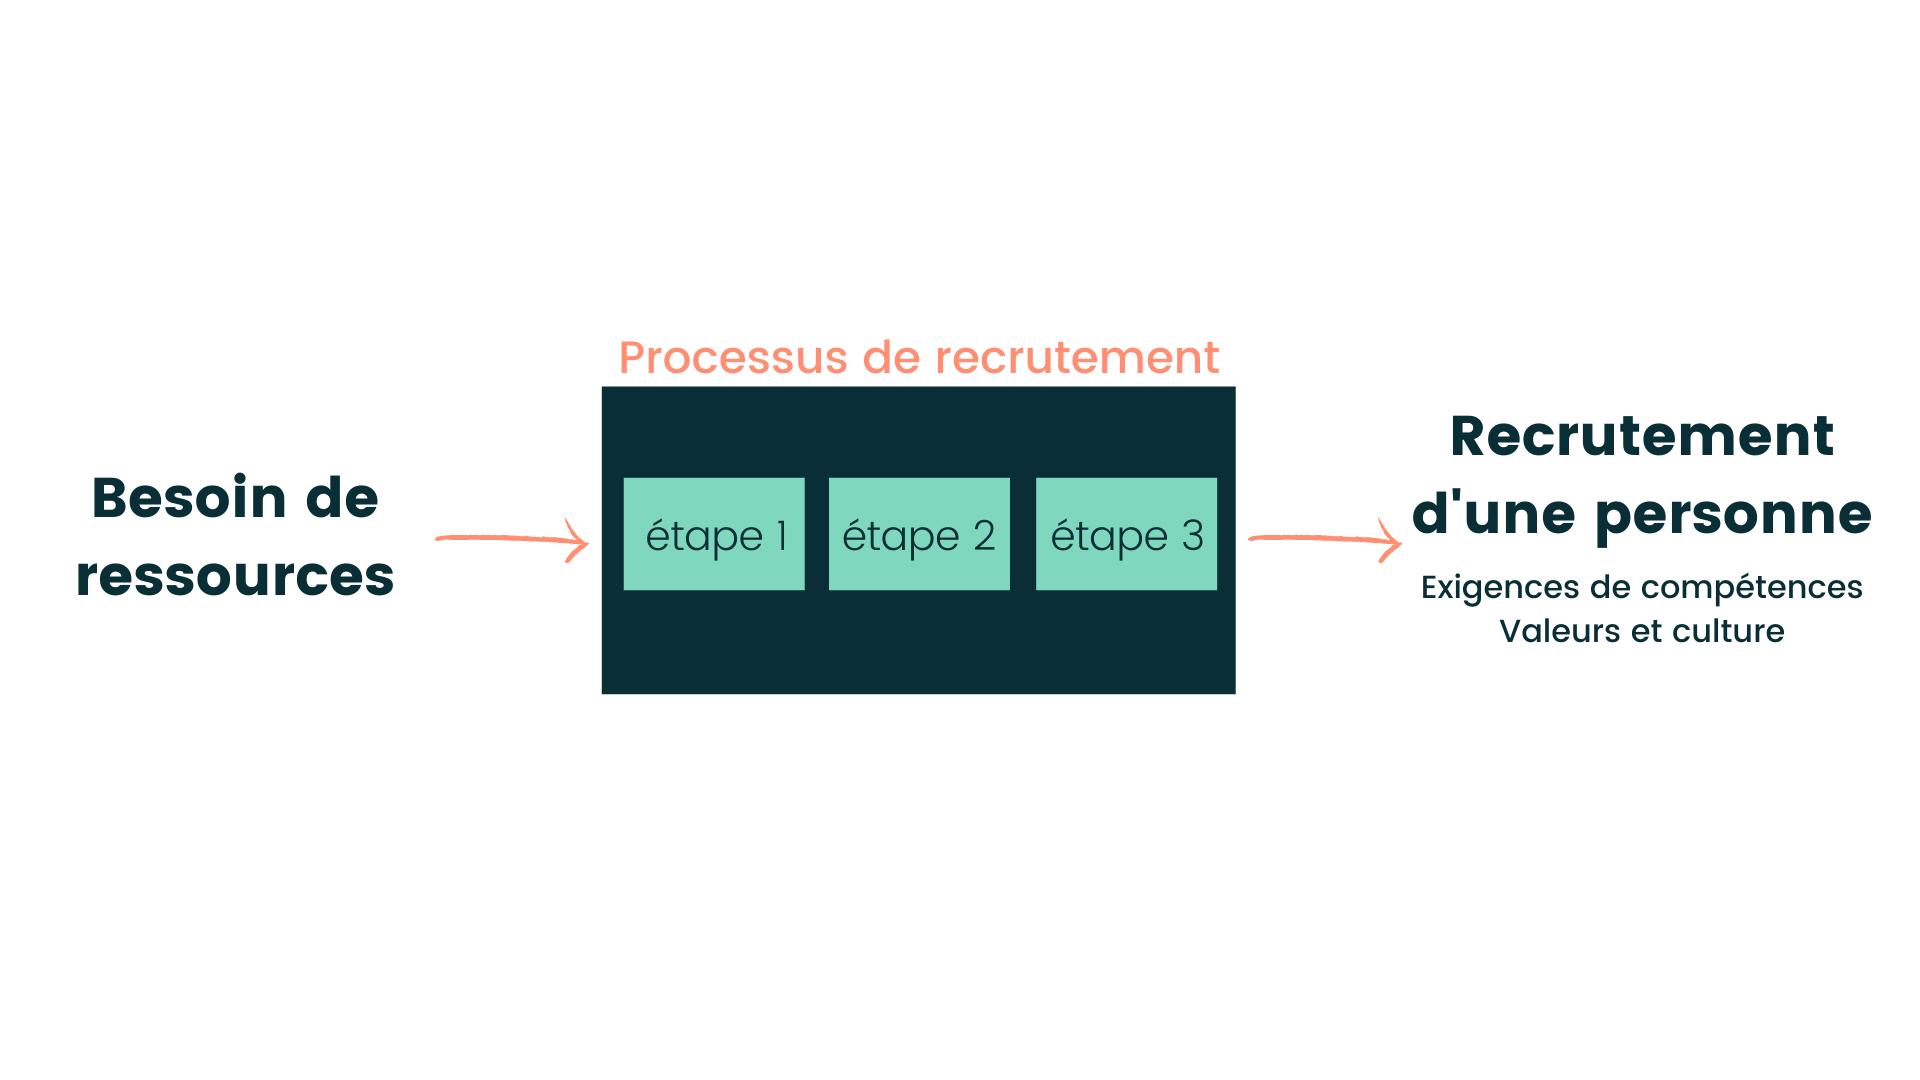 Processus de recrutement définition